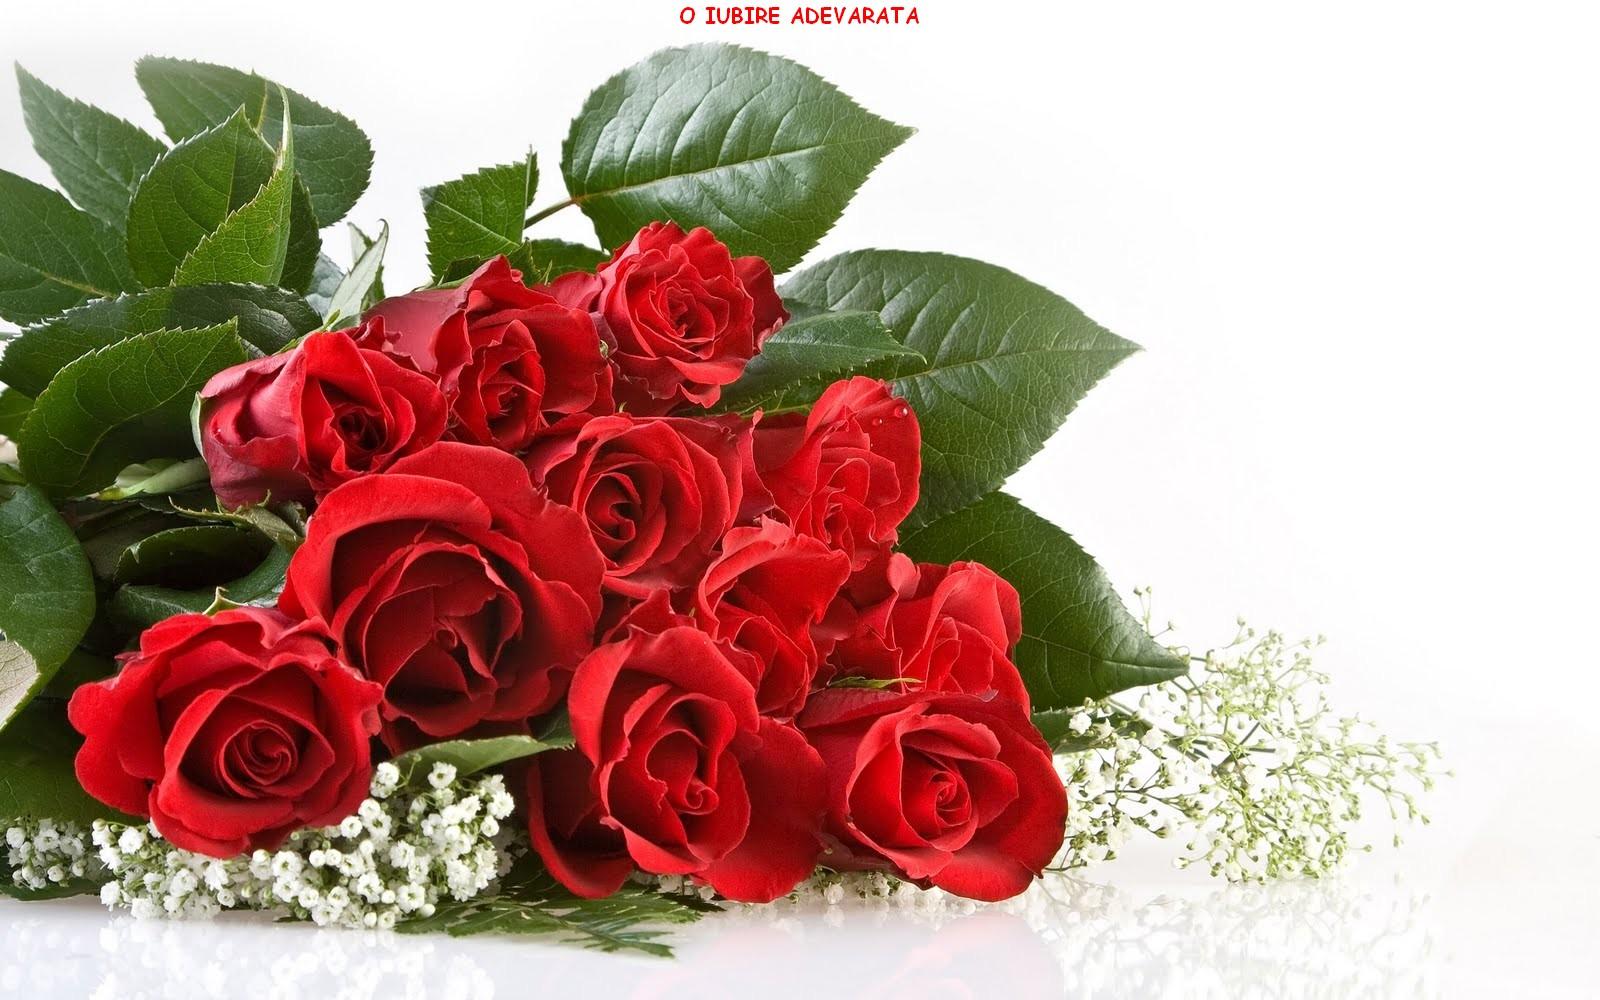 Poze cu flori si mesaje